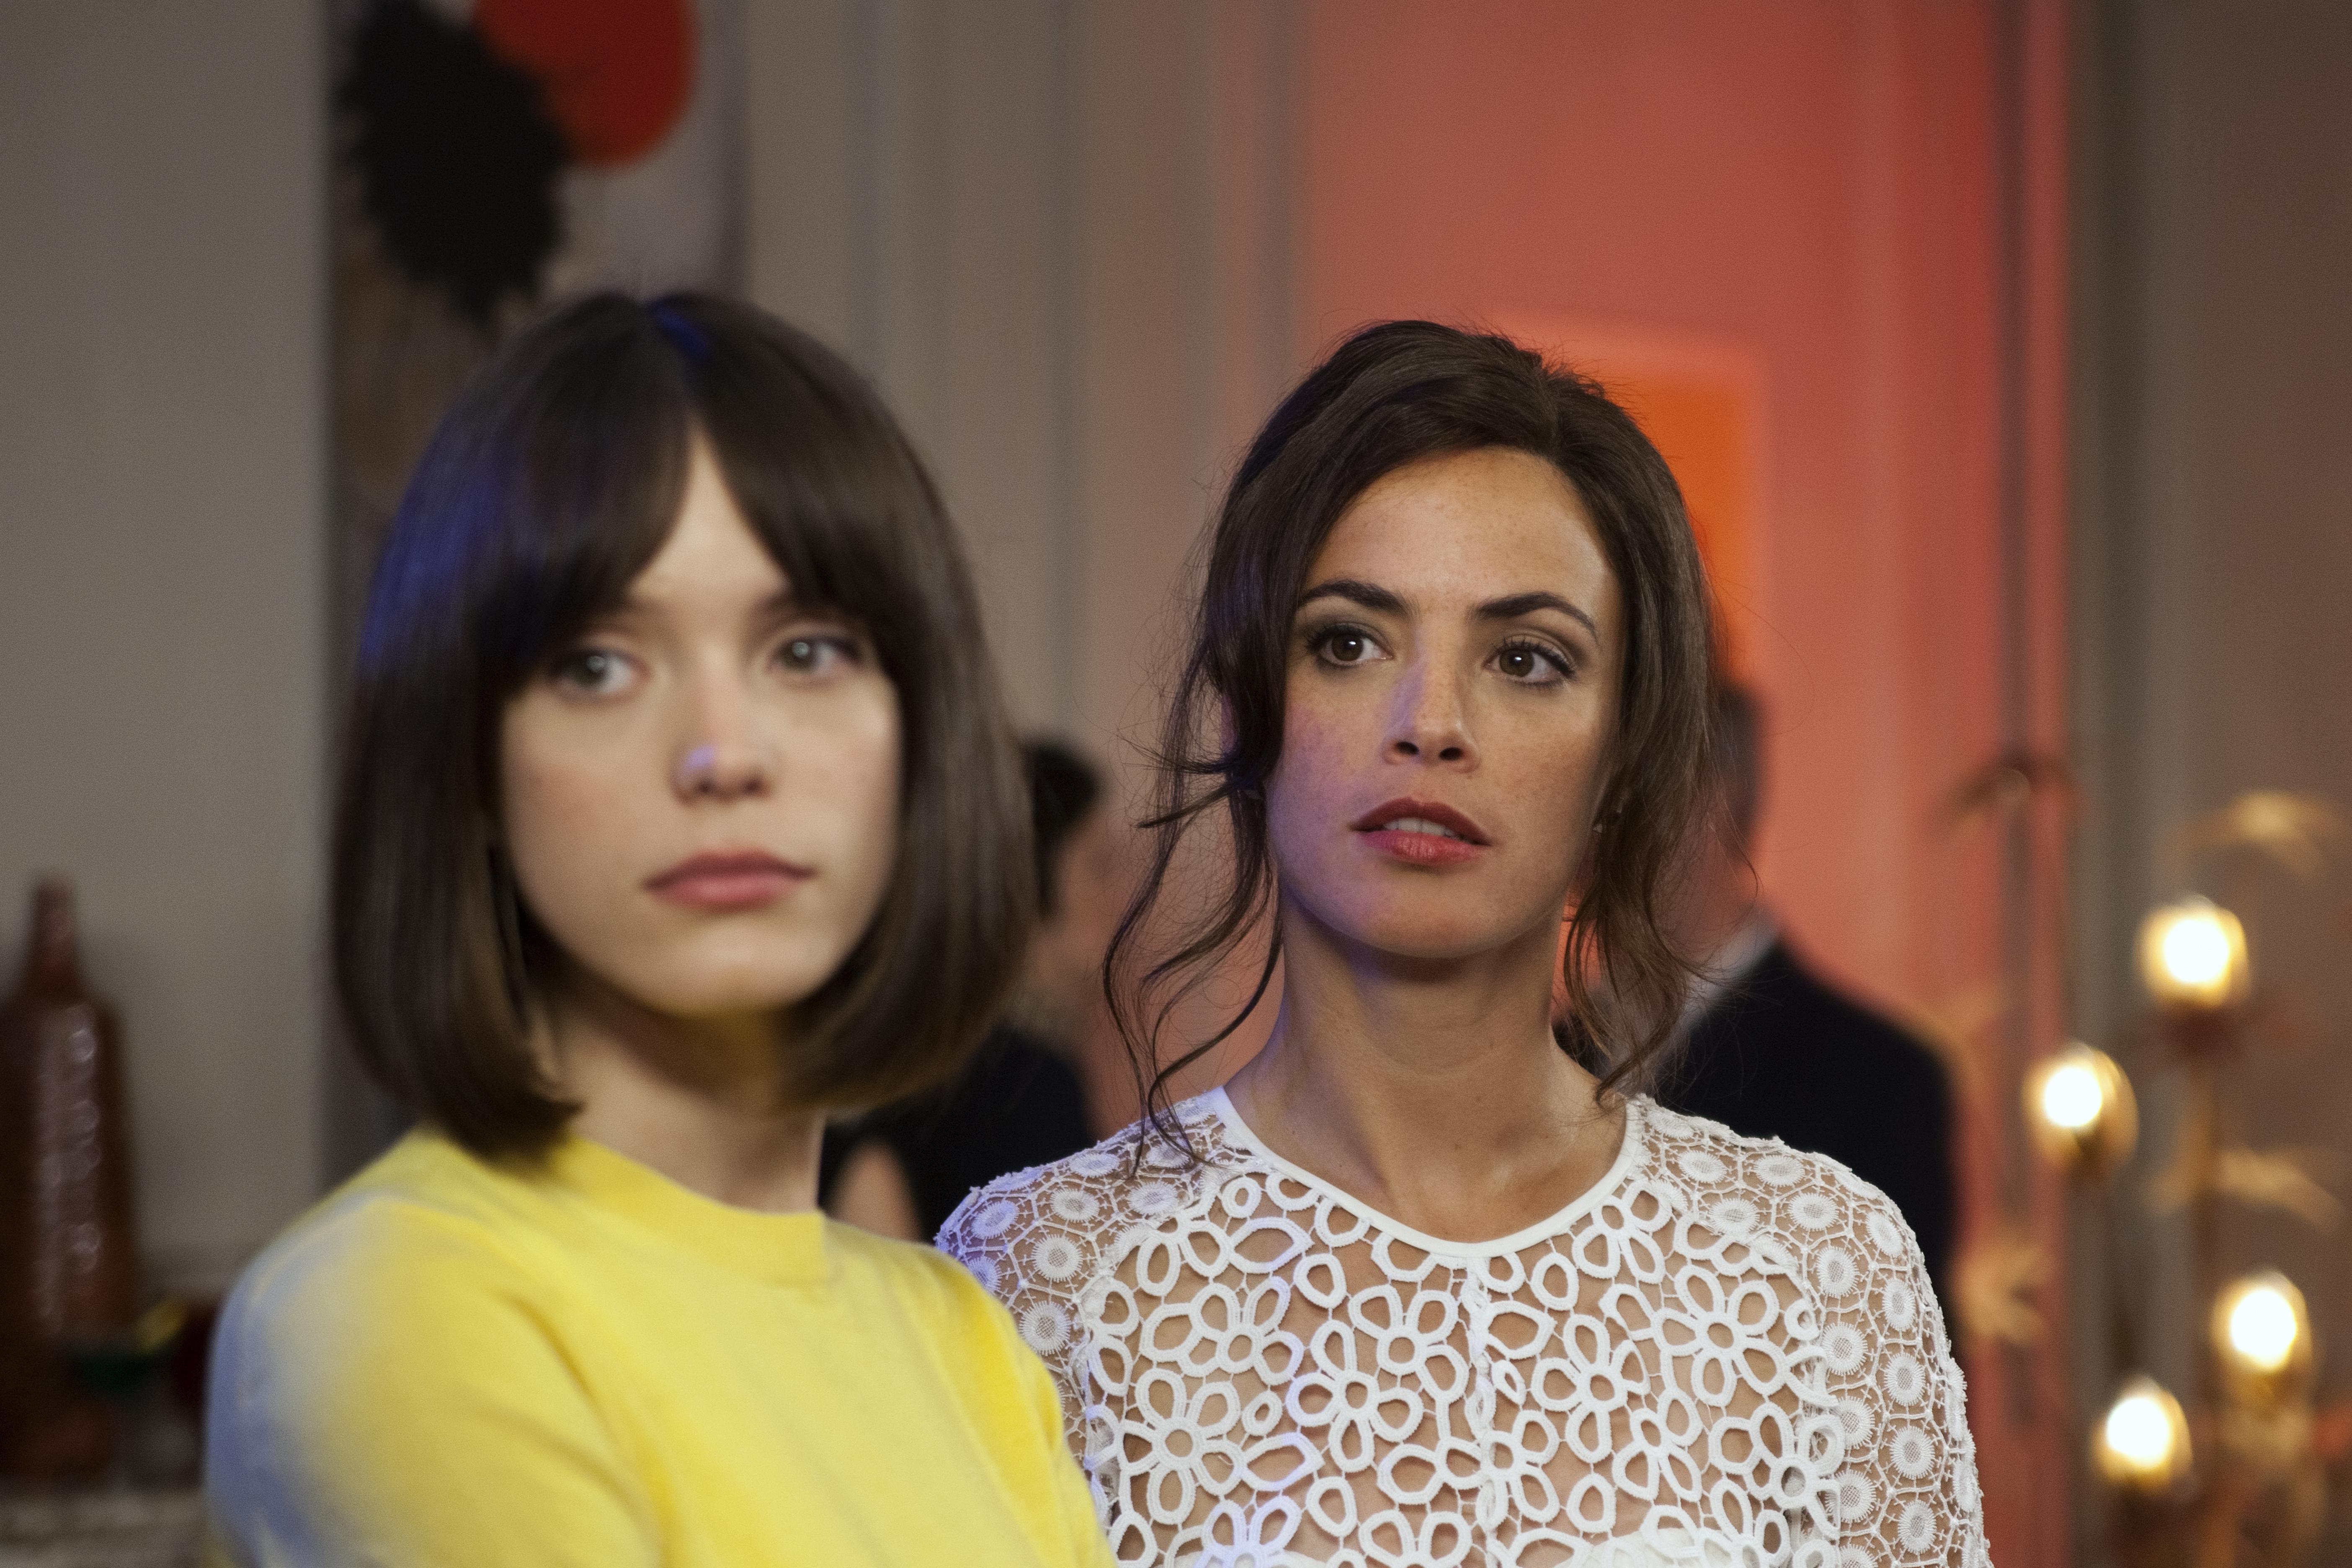 Formidabile: Berenice Bejo e Stacy Martin in una scena